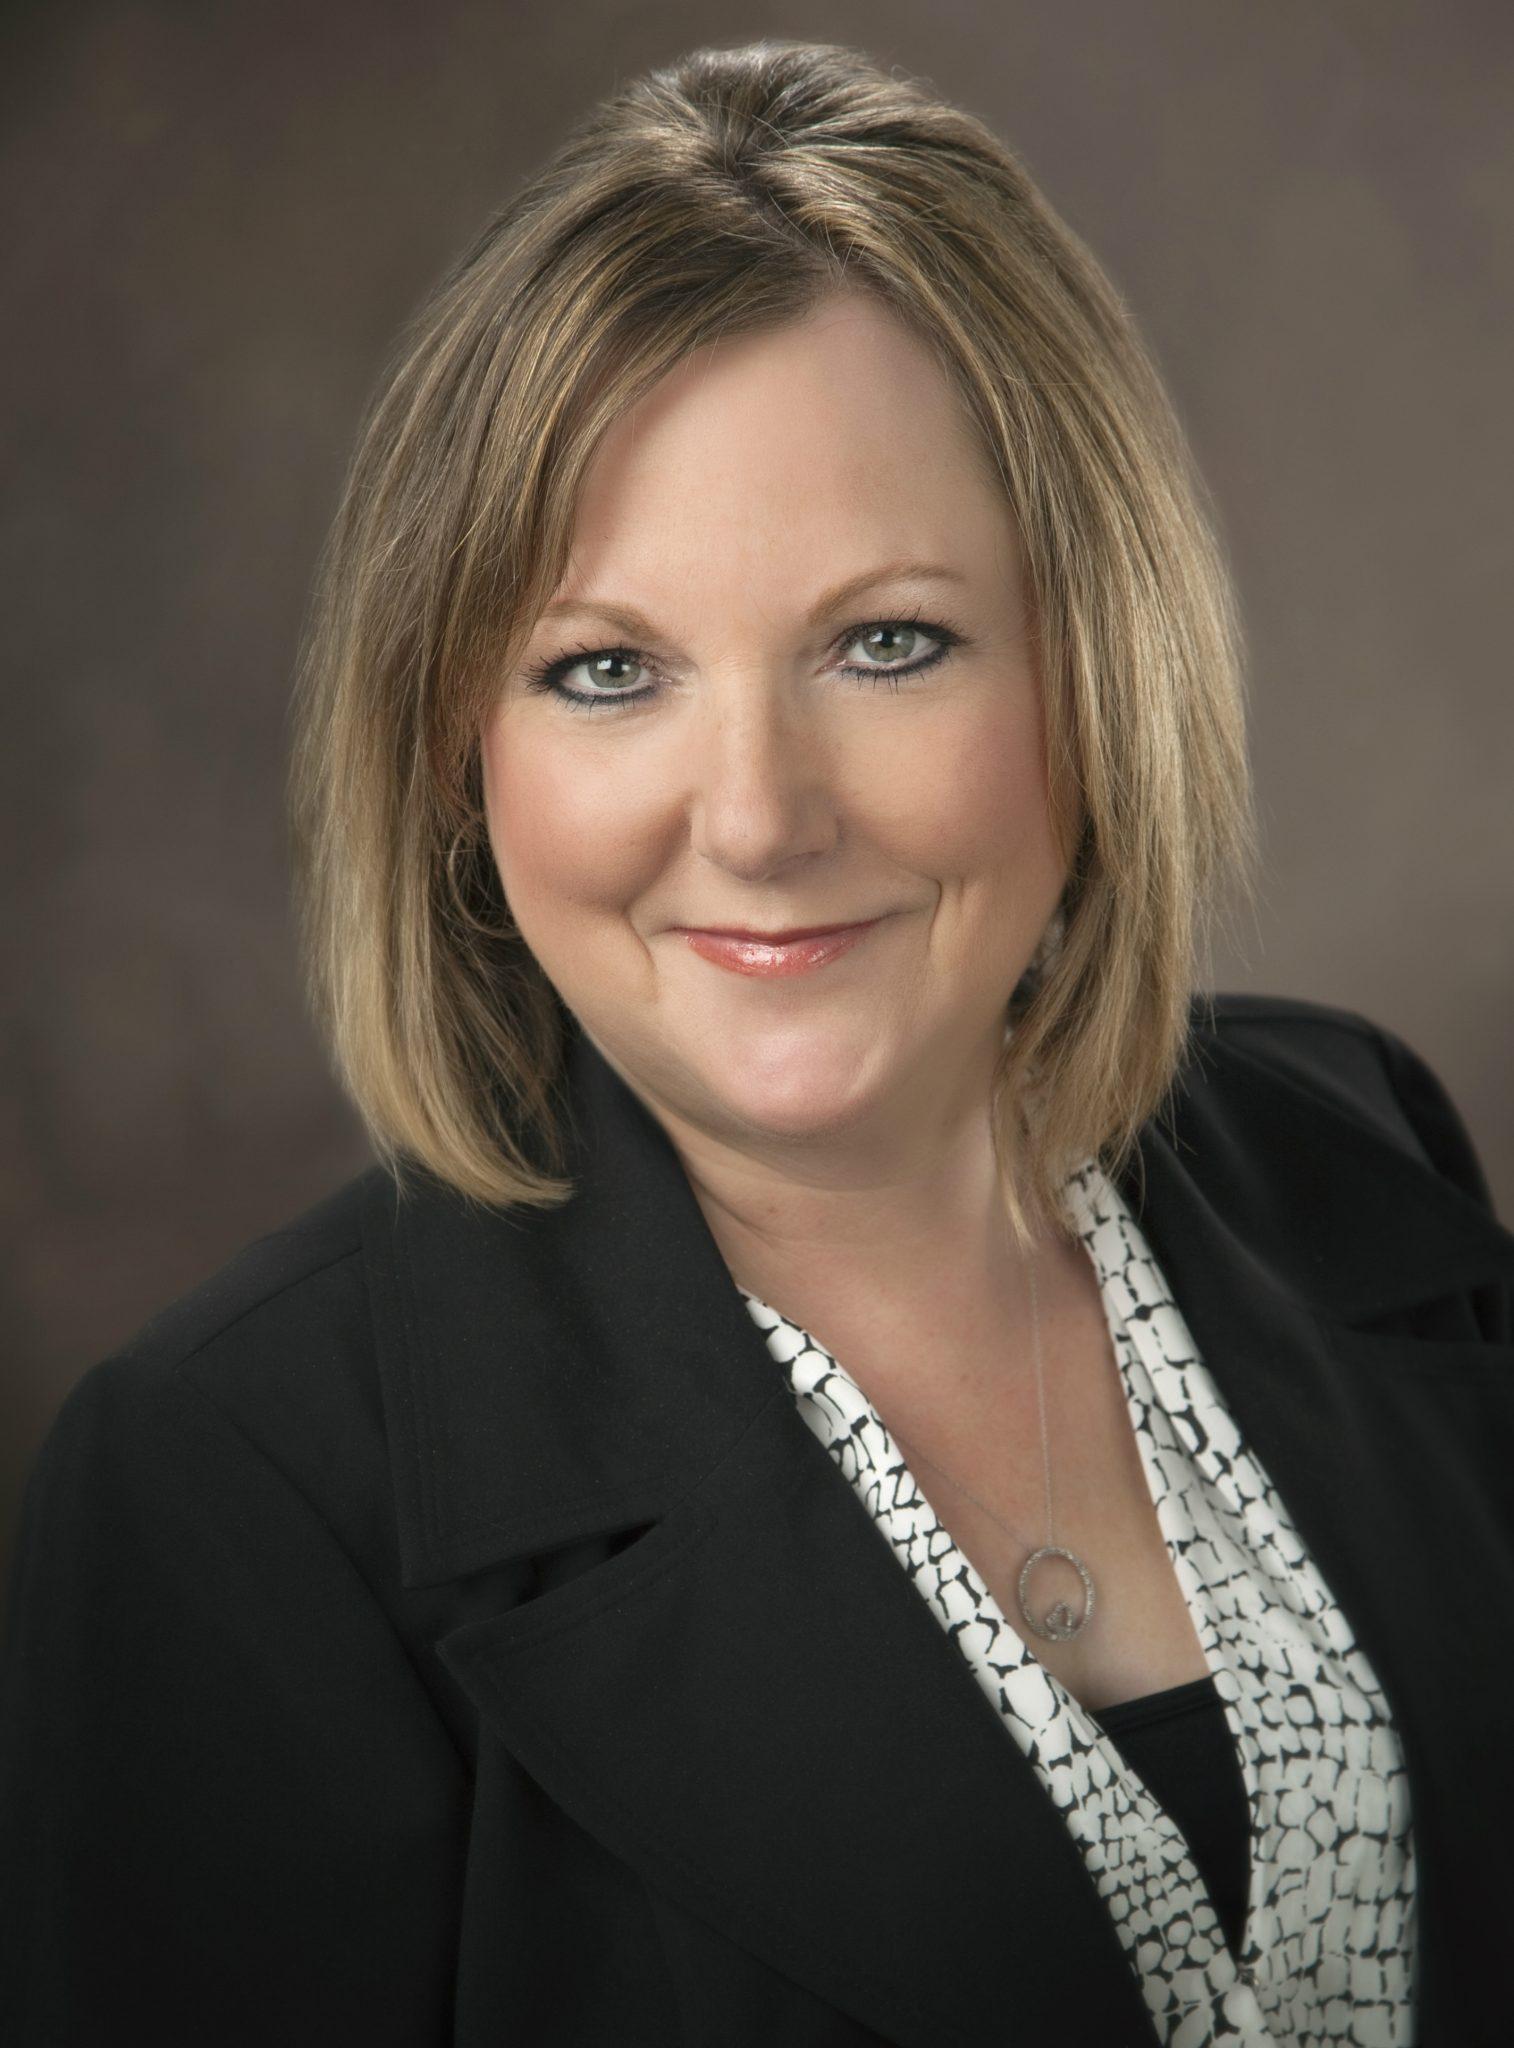 Debbie Tengler